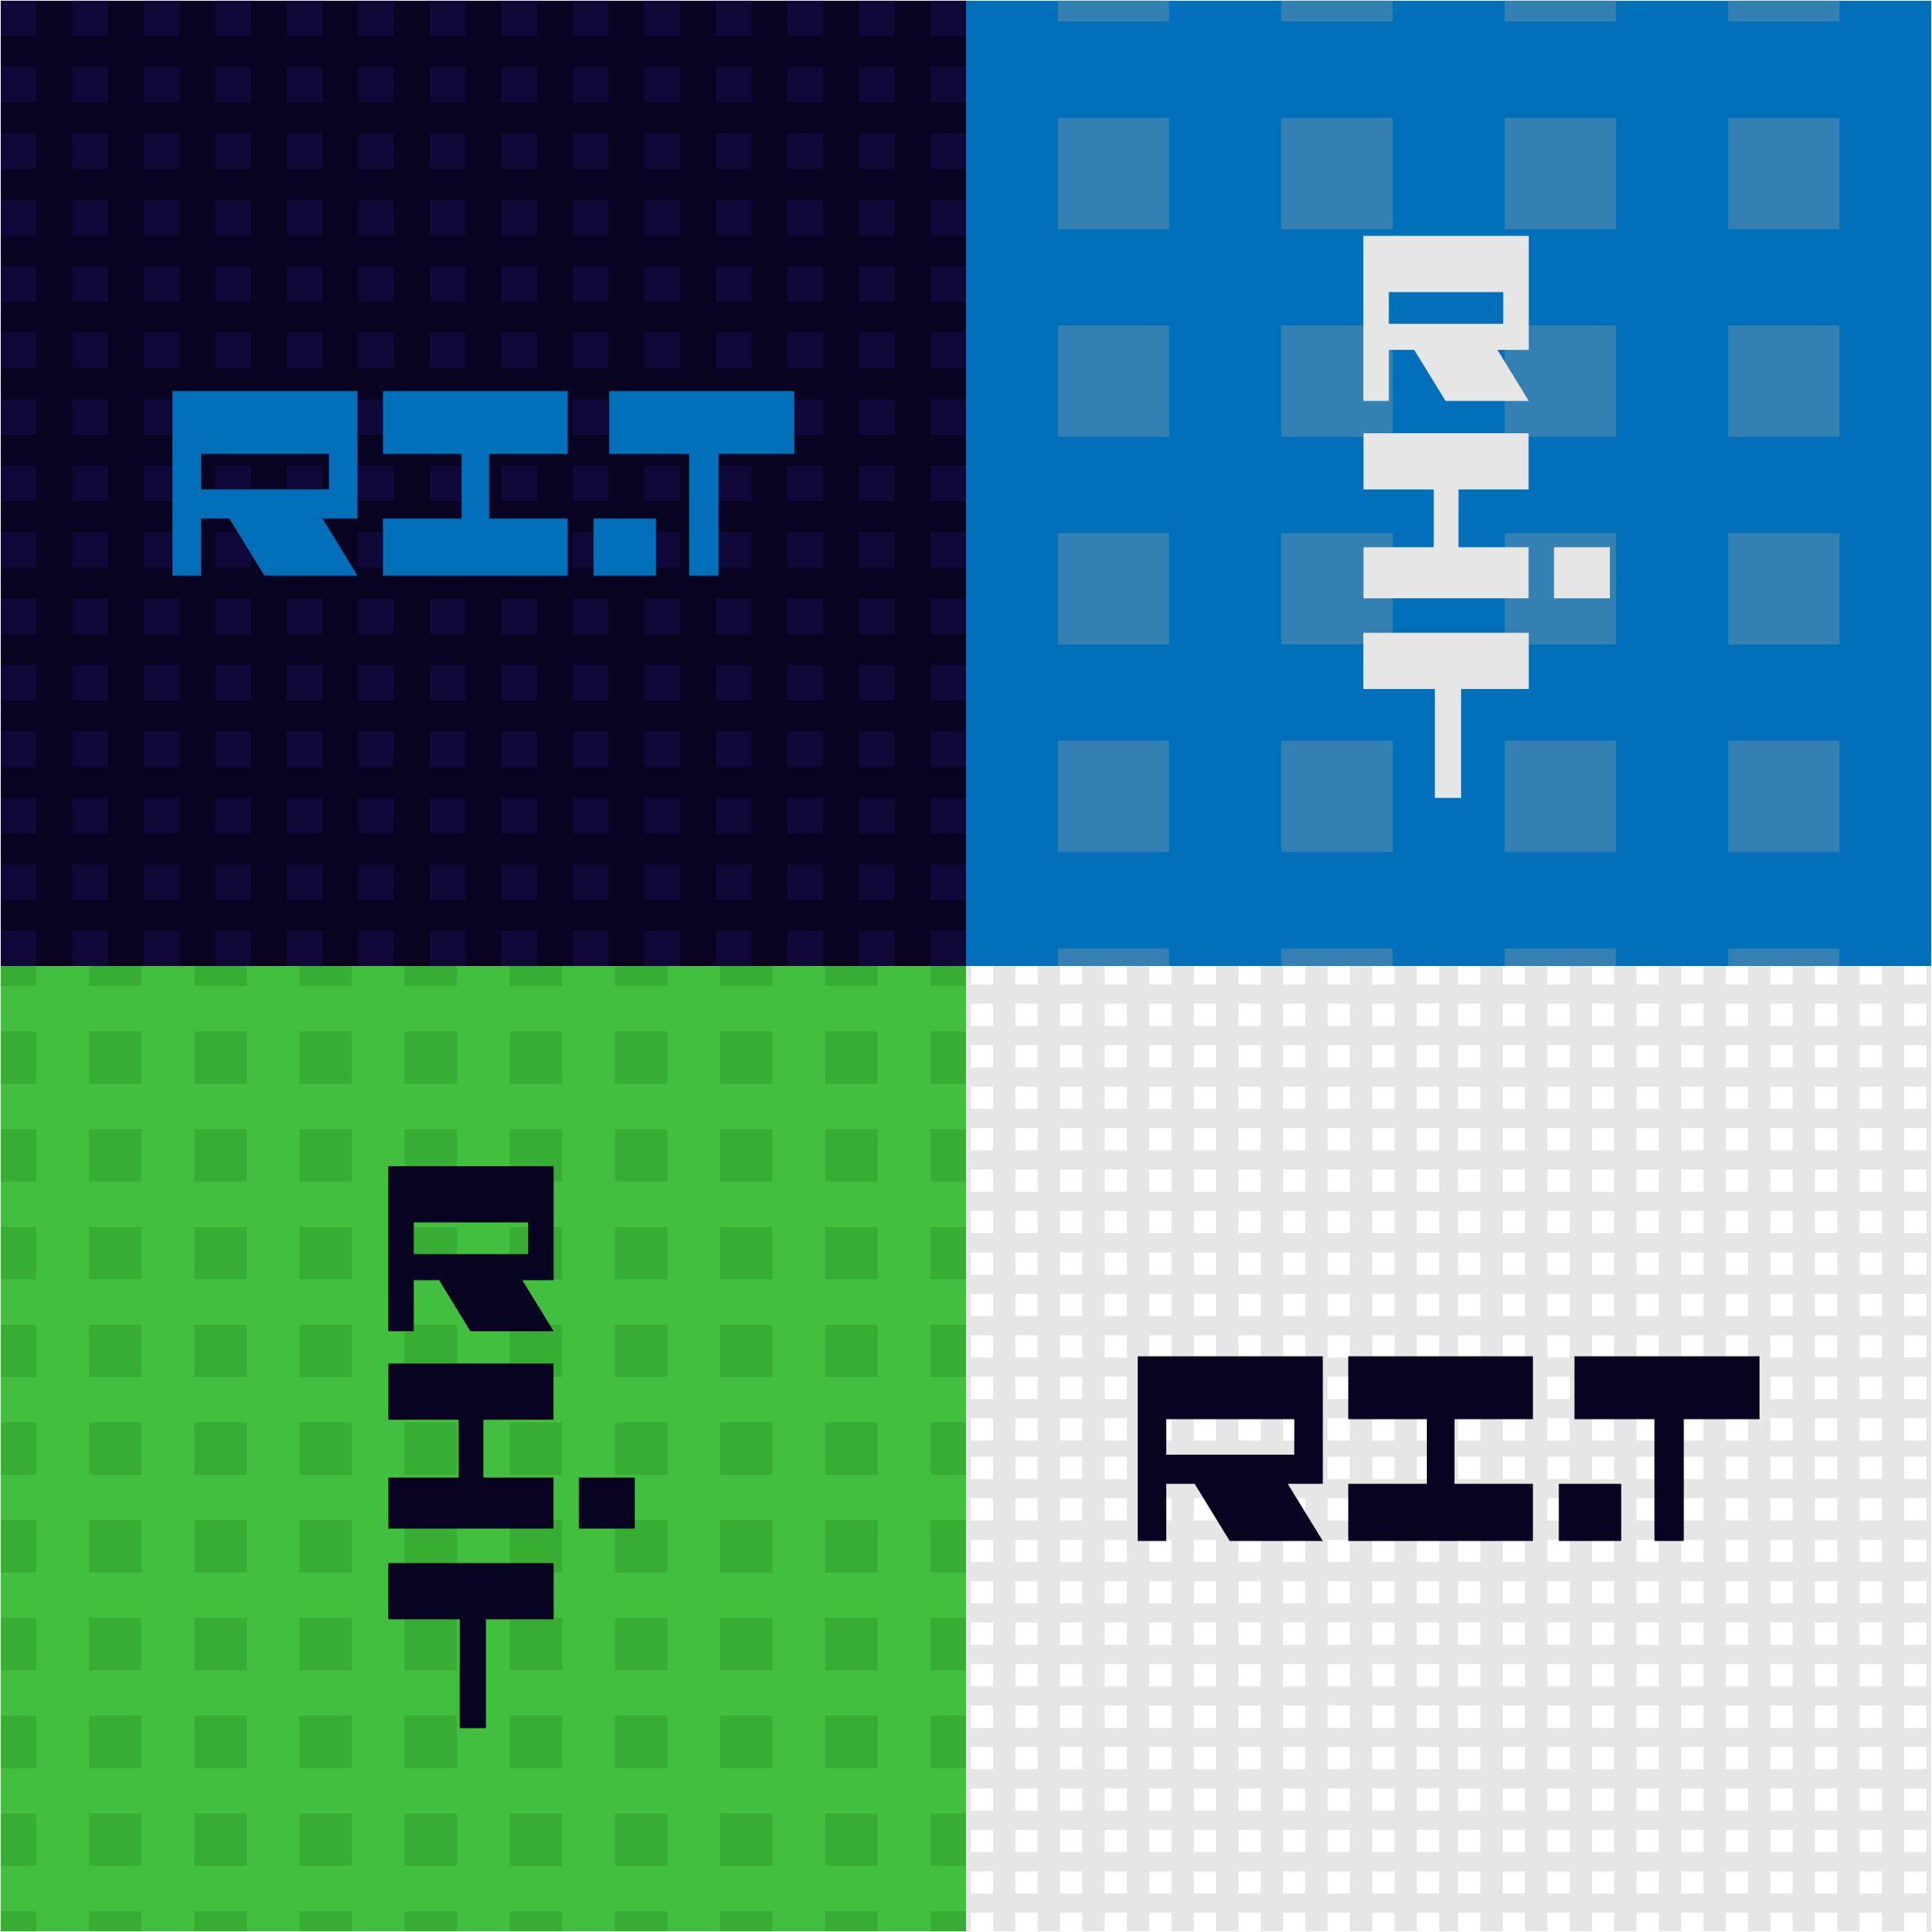 Разработка пакета айдентики rosinfo.tech фото f_3215e22d111622d1.jpg